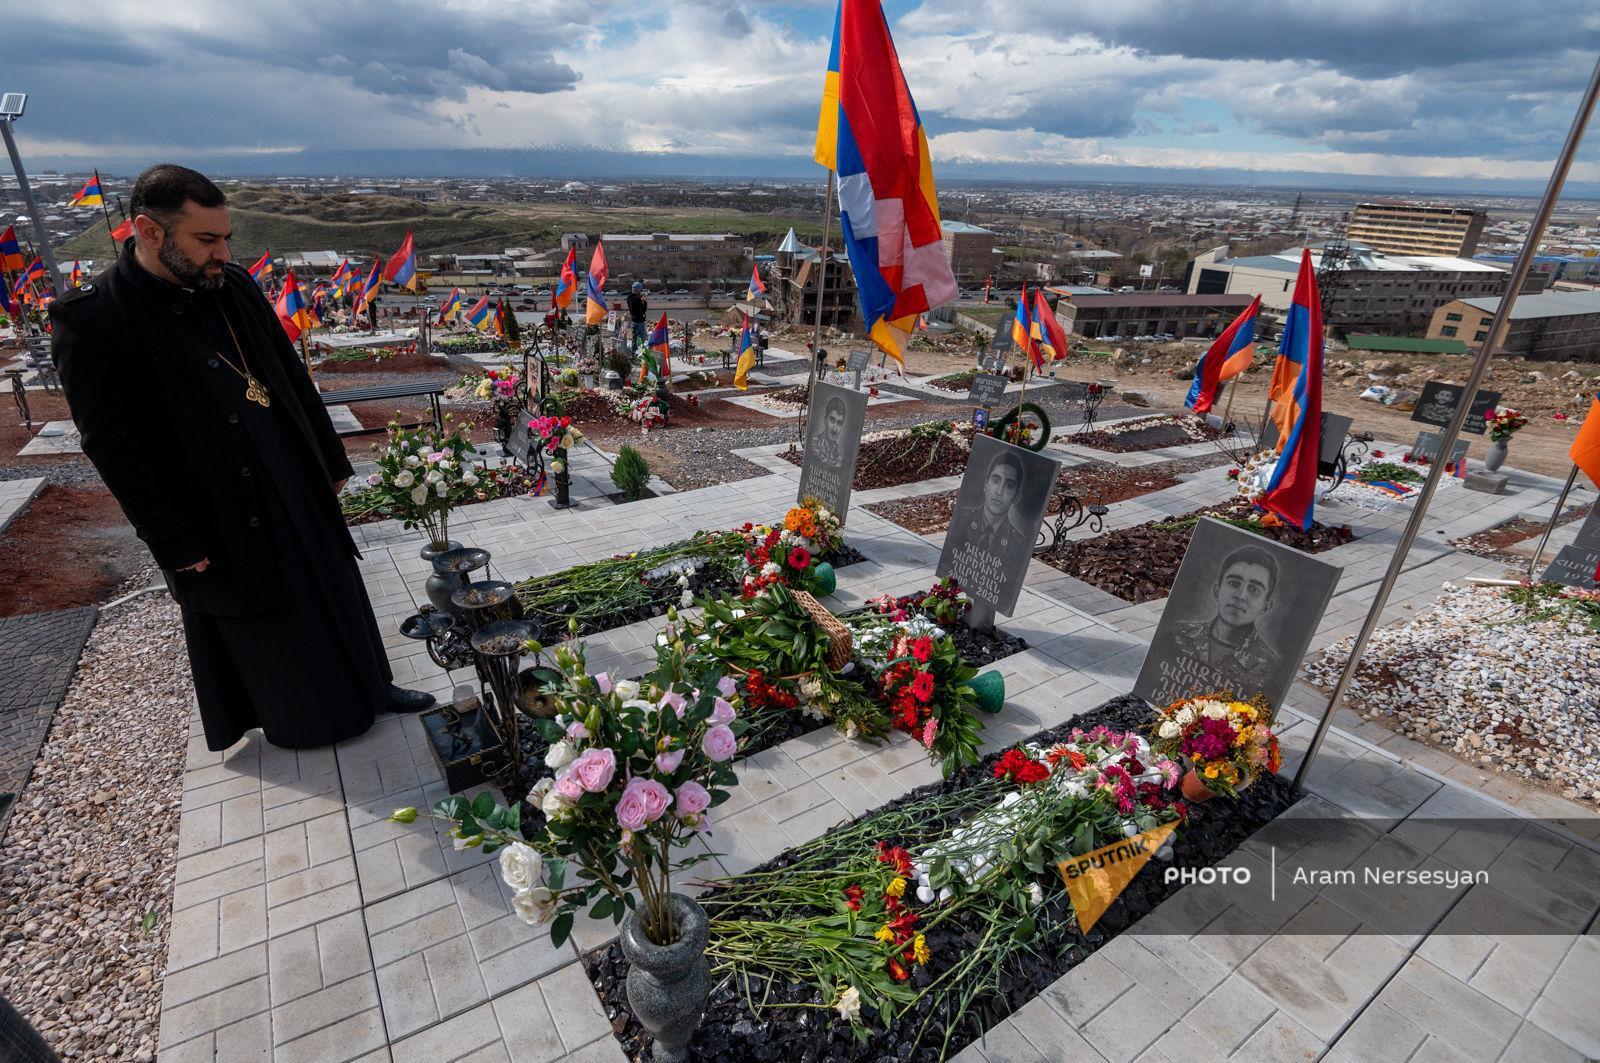 Երբեմն 20 մայր տարբեր գերեզմաններից լալիս են ու ողբում. Եռաբլուրի քահանան տեսել է դժոխքը